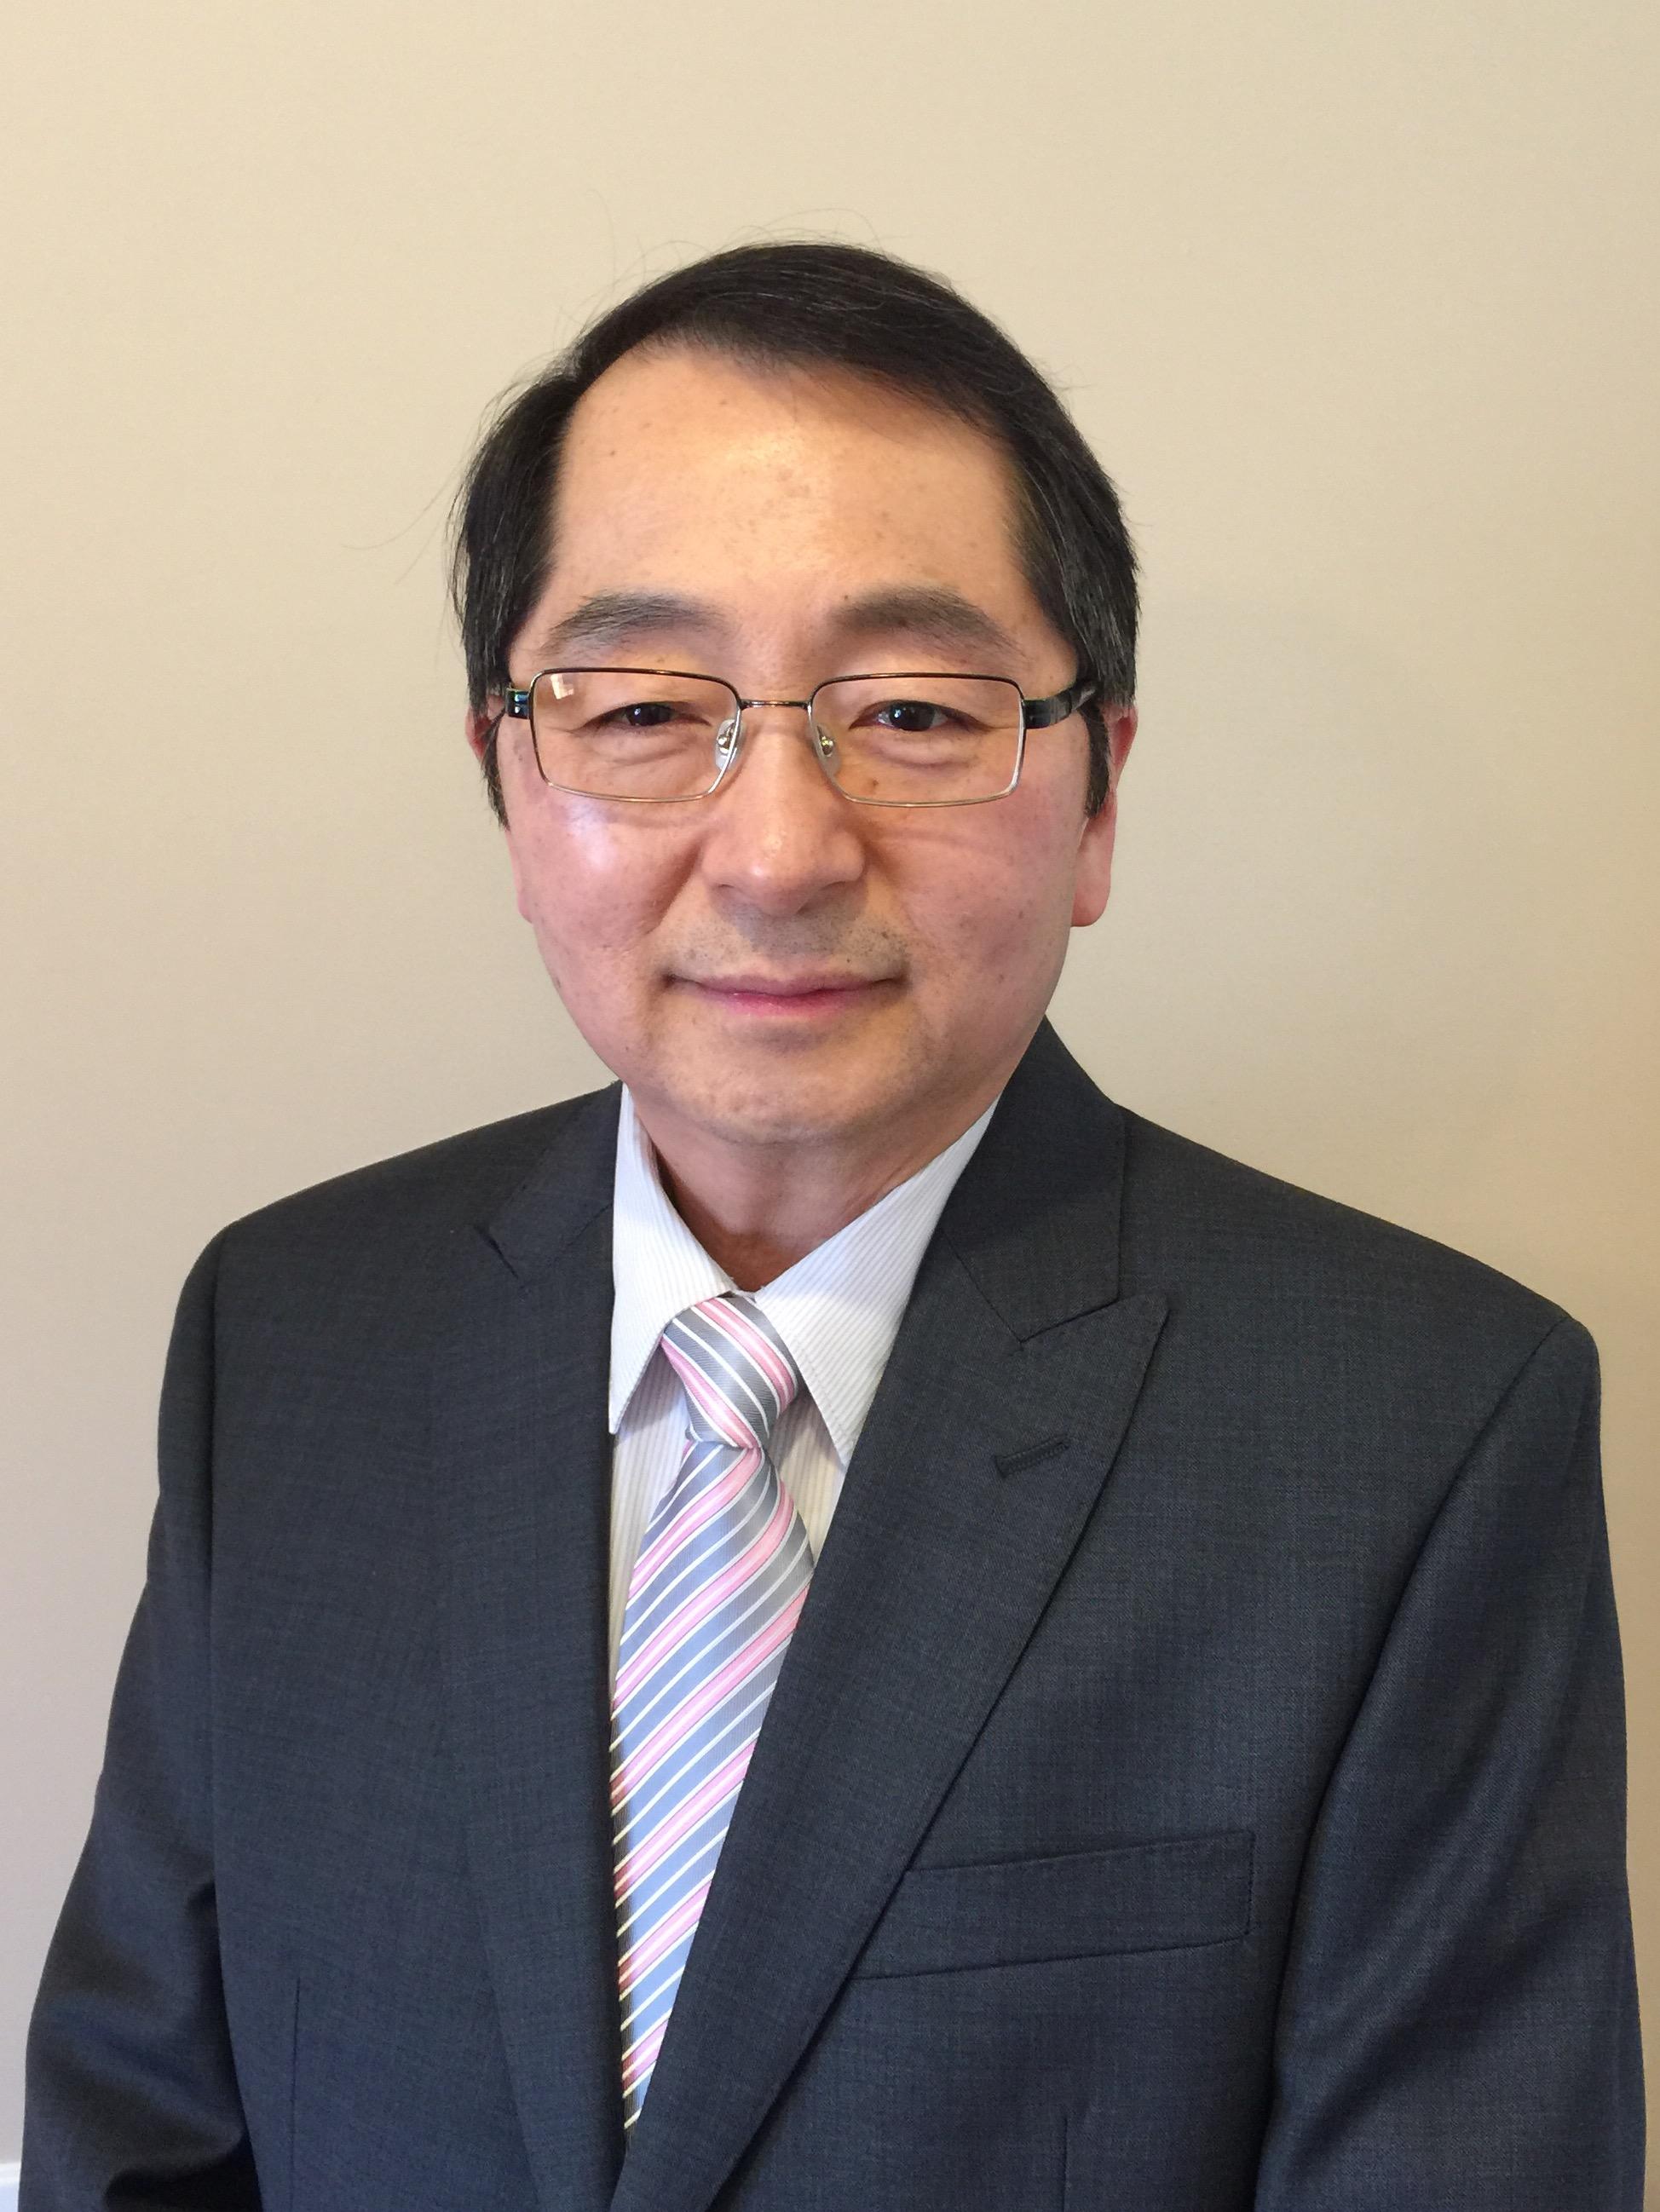 Philip Y. Kim